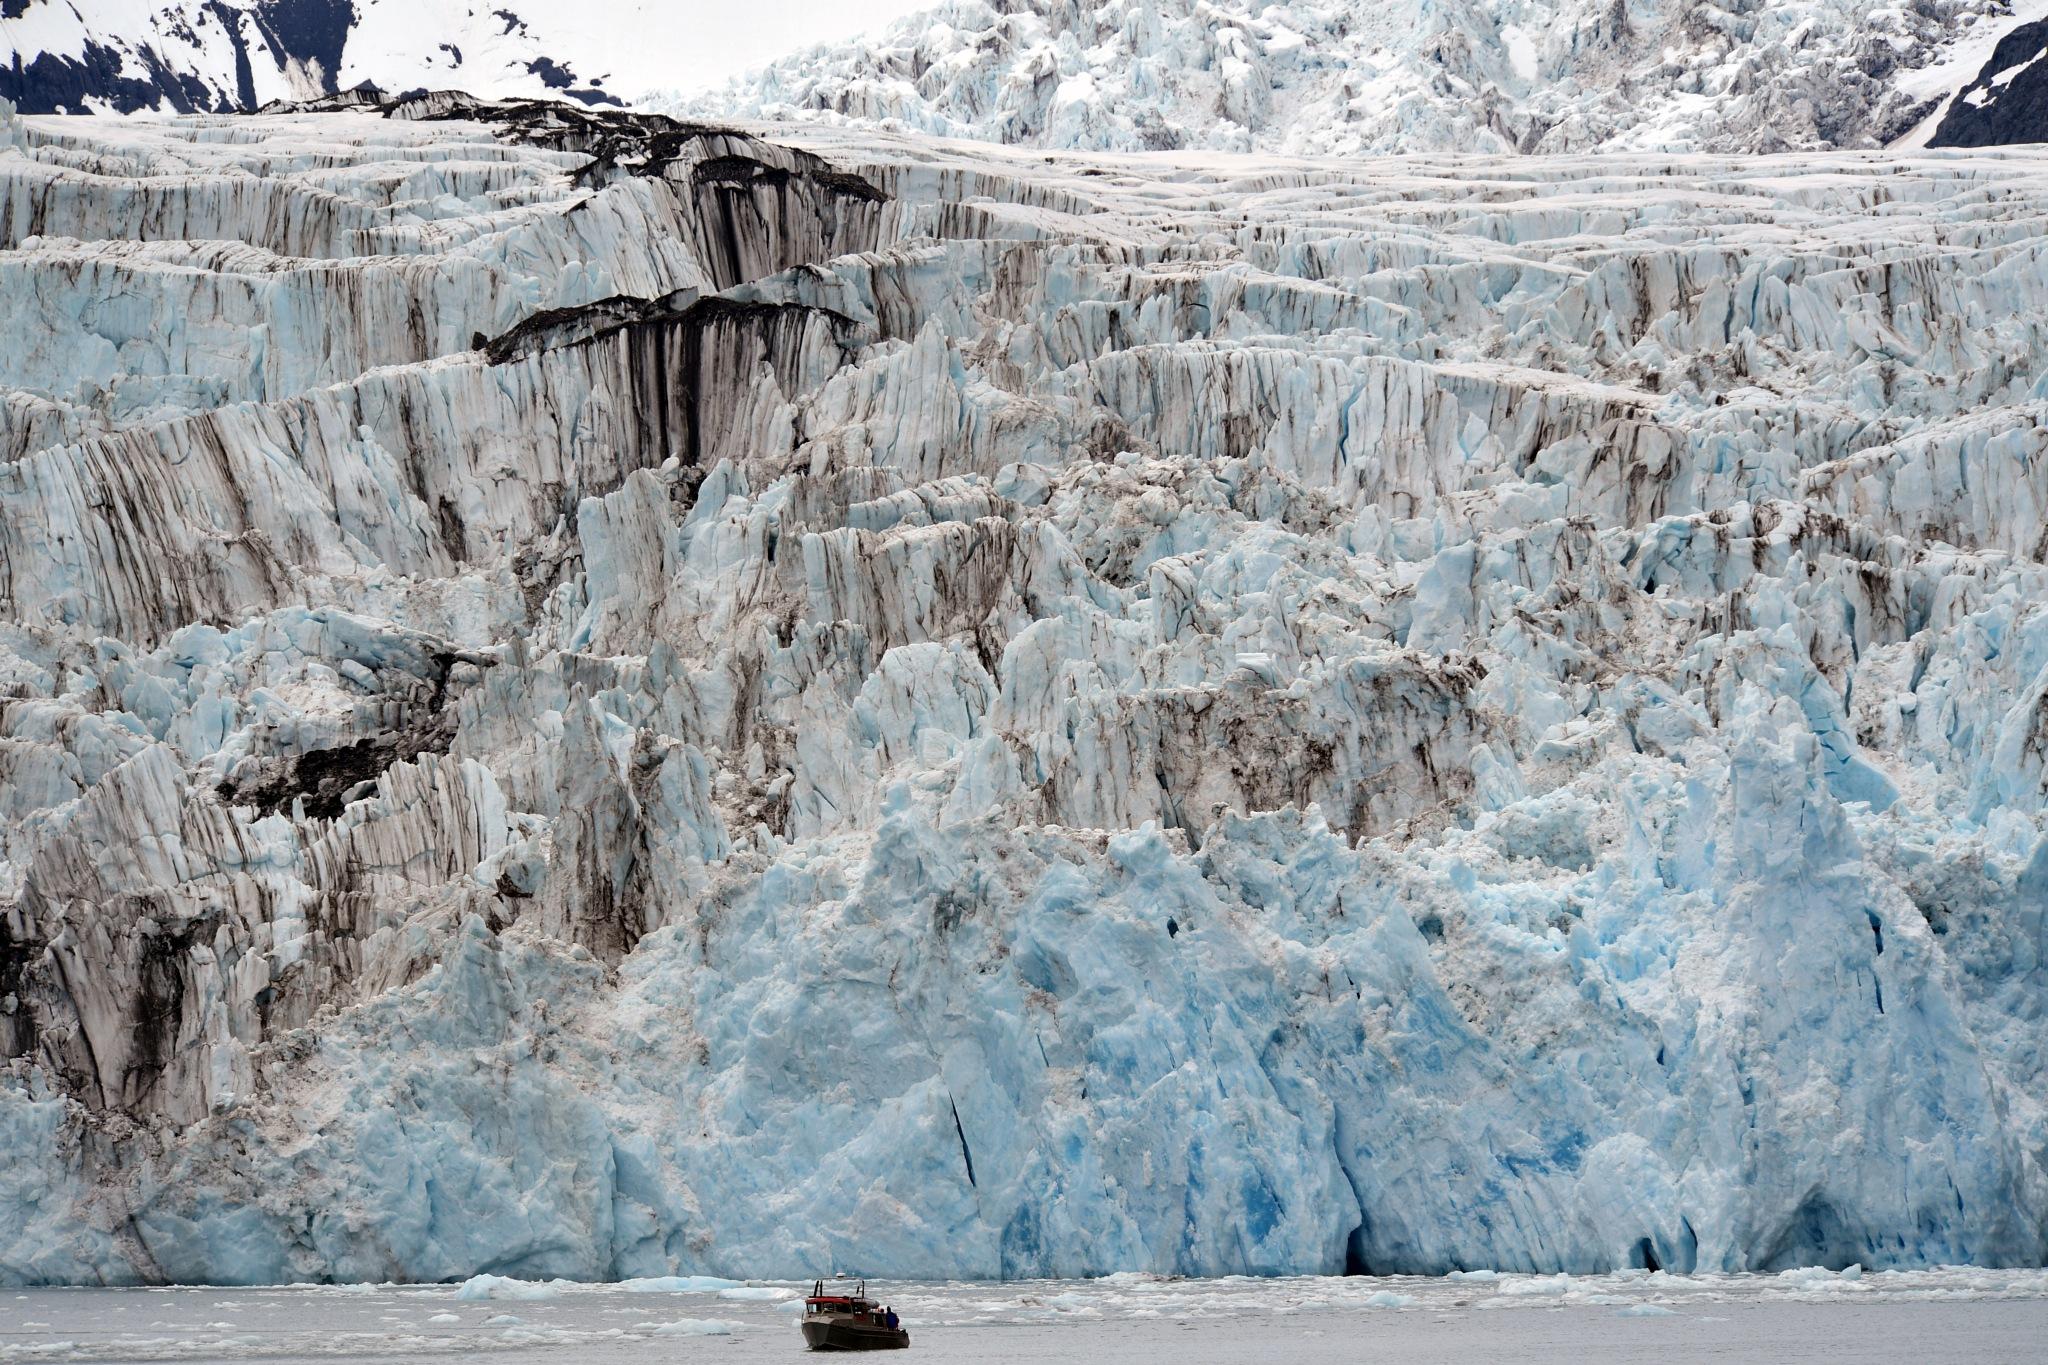 Harvard Glacier, Prince William Sound, Alaska by Chen Te